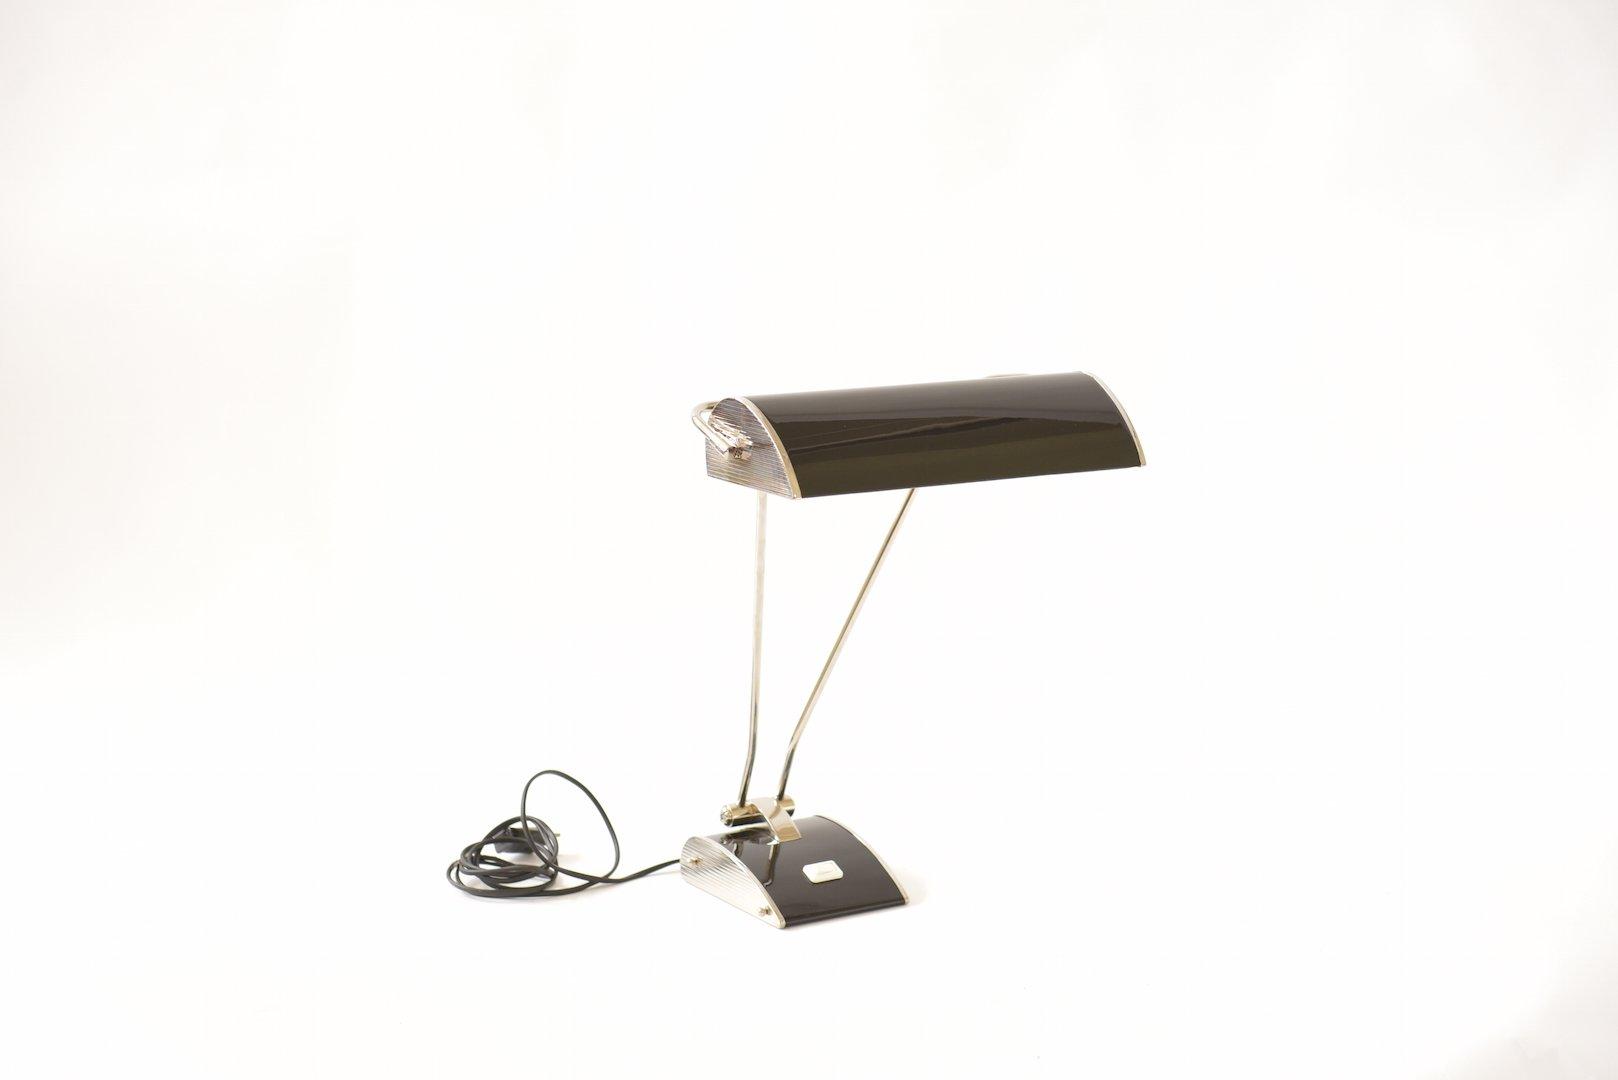 lampe de bureau vintage par eileen gray pour jumo france en vente sur pamono. Black Bedroom Furniture Sets. Home Design Ideas